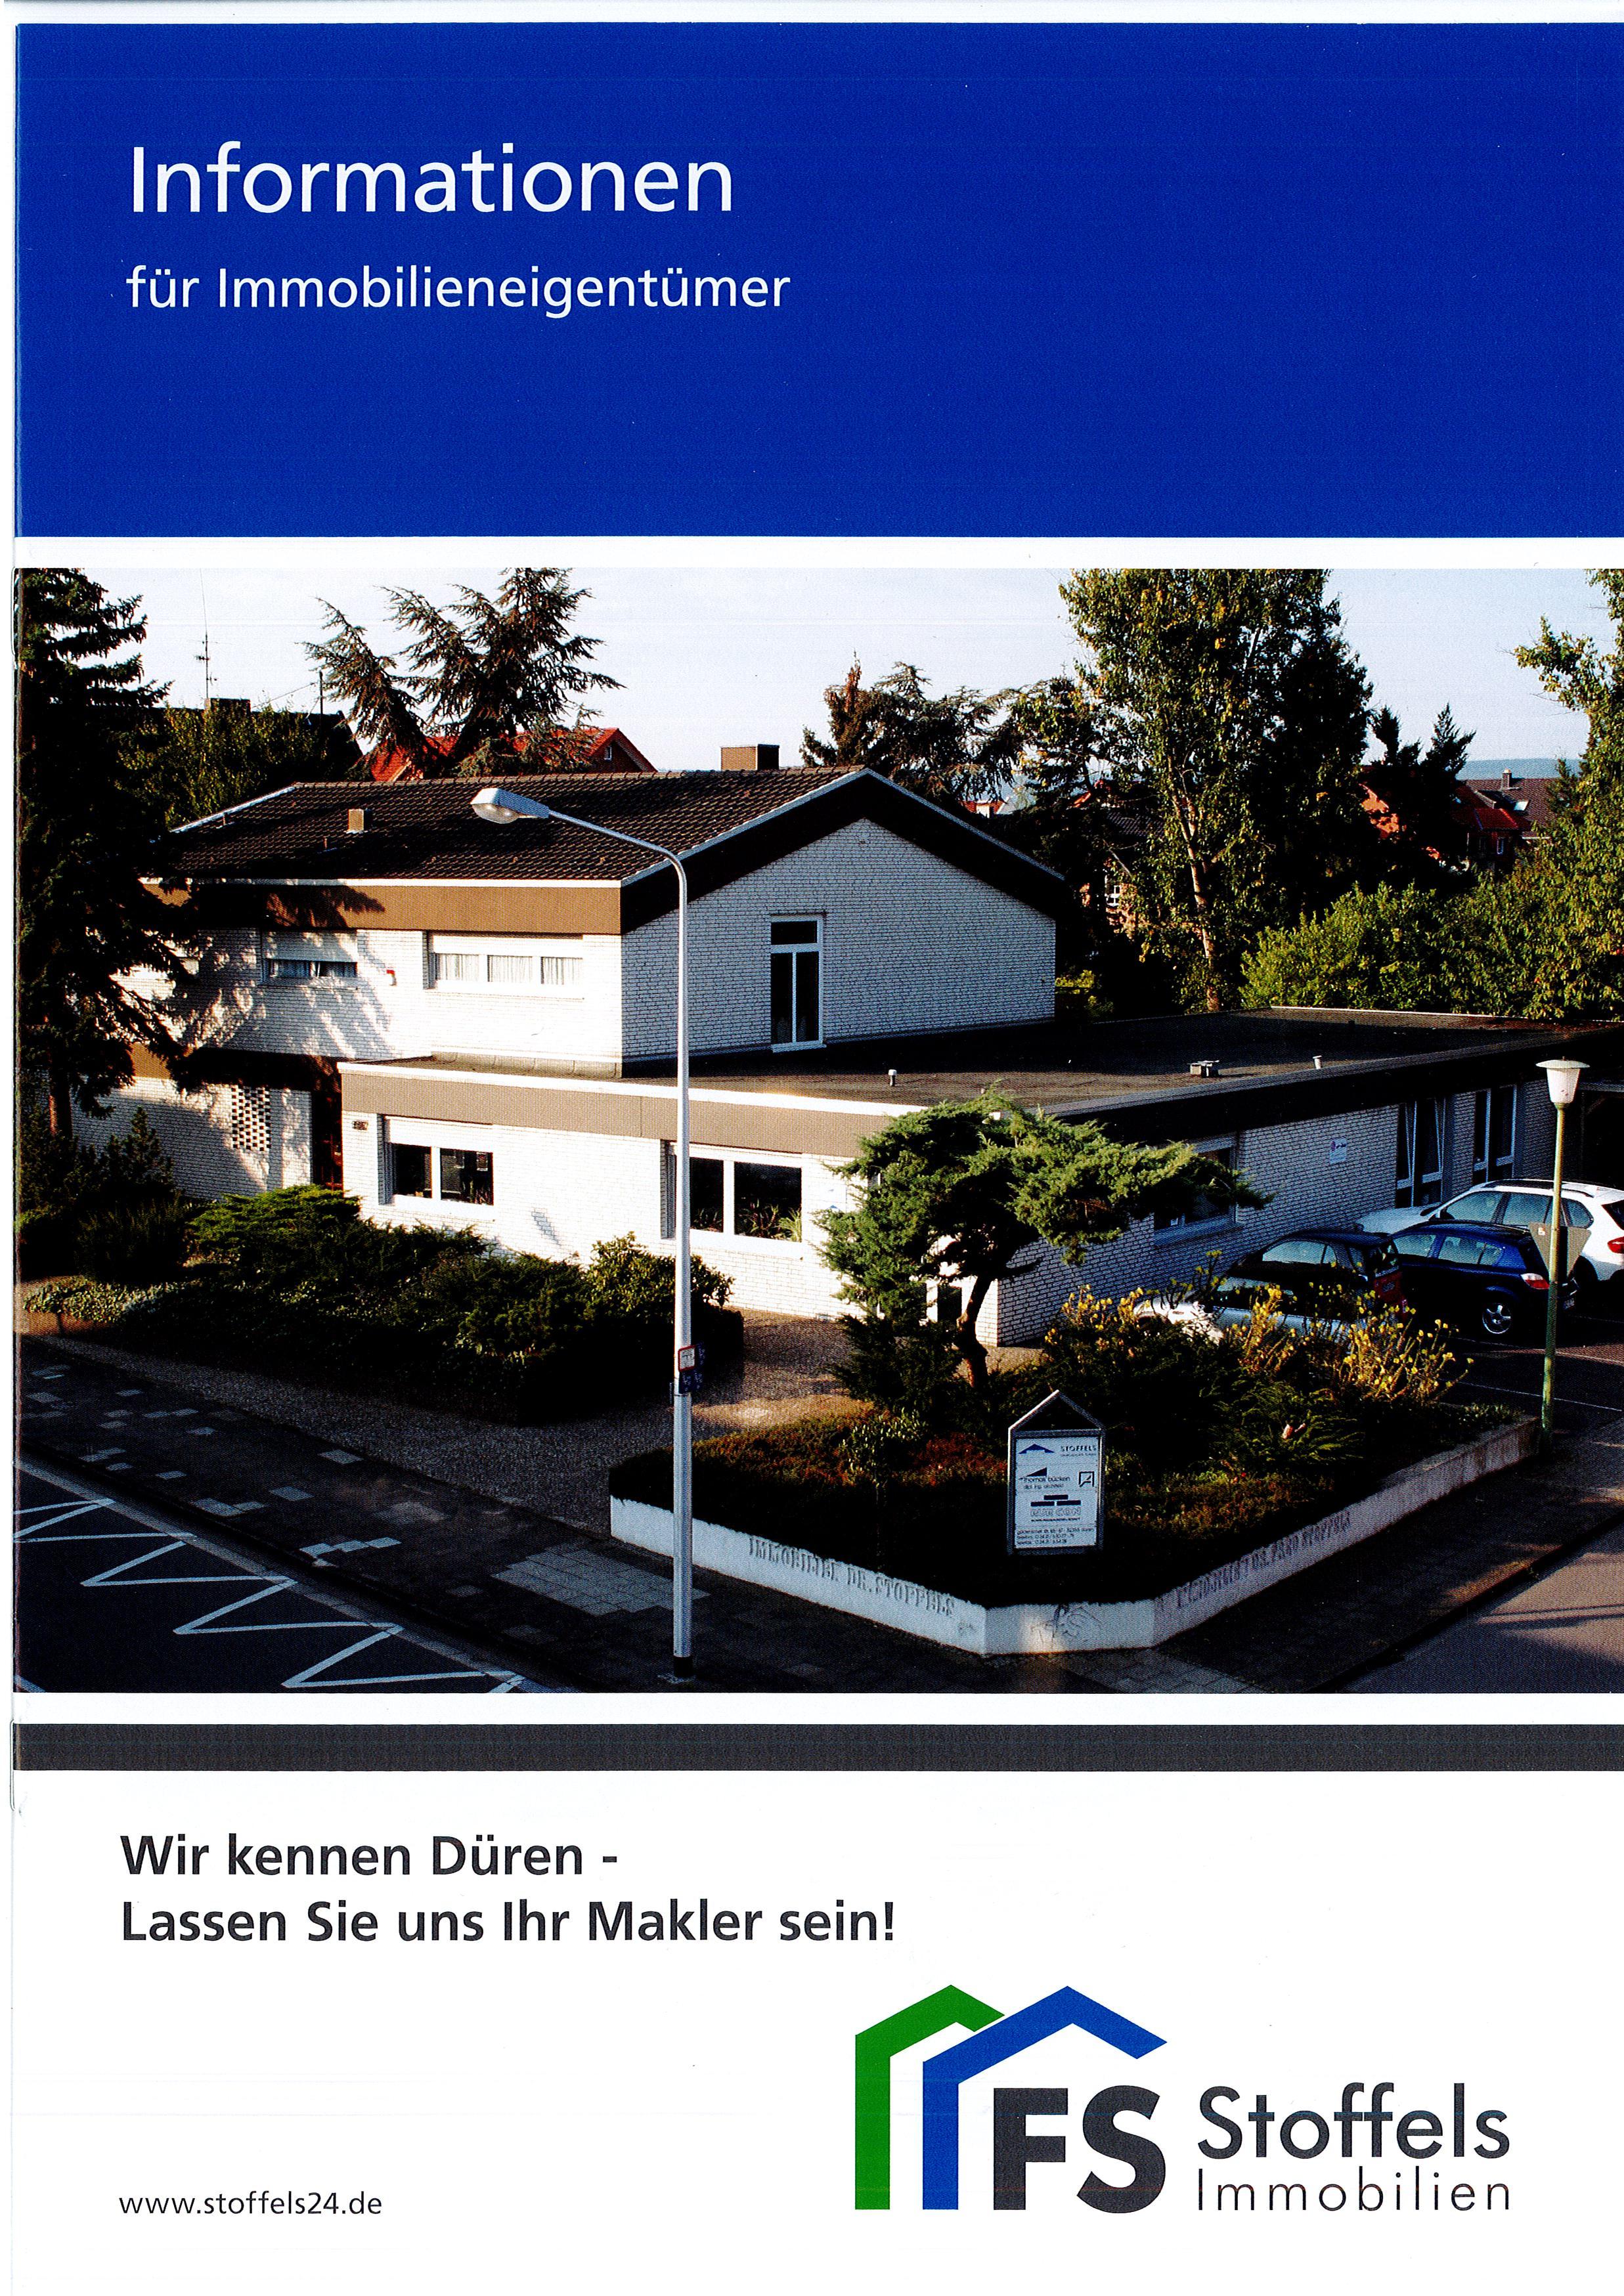 Broschüre Informationen für Immobilieneigentümer